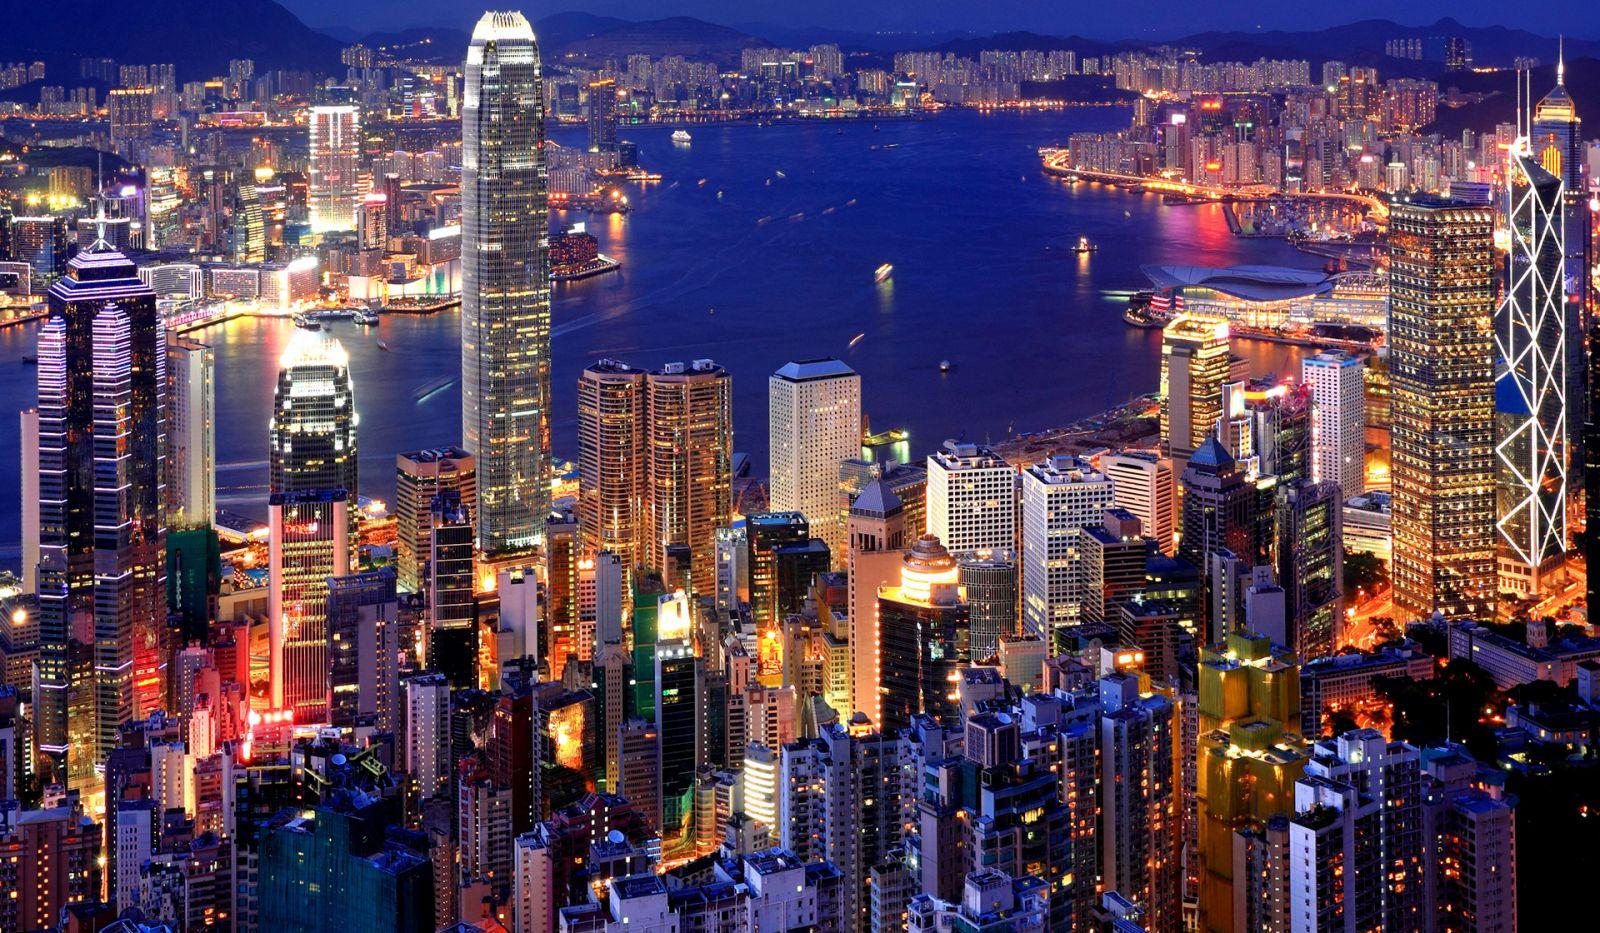 Hình ảnh Hồng Kông đẹp mê hồn